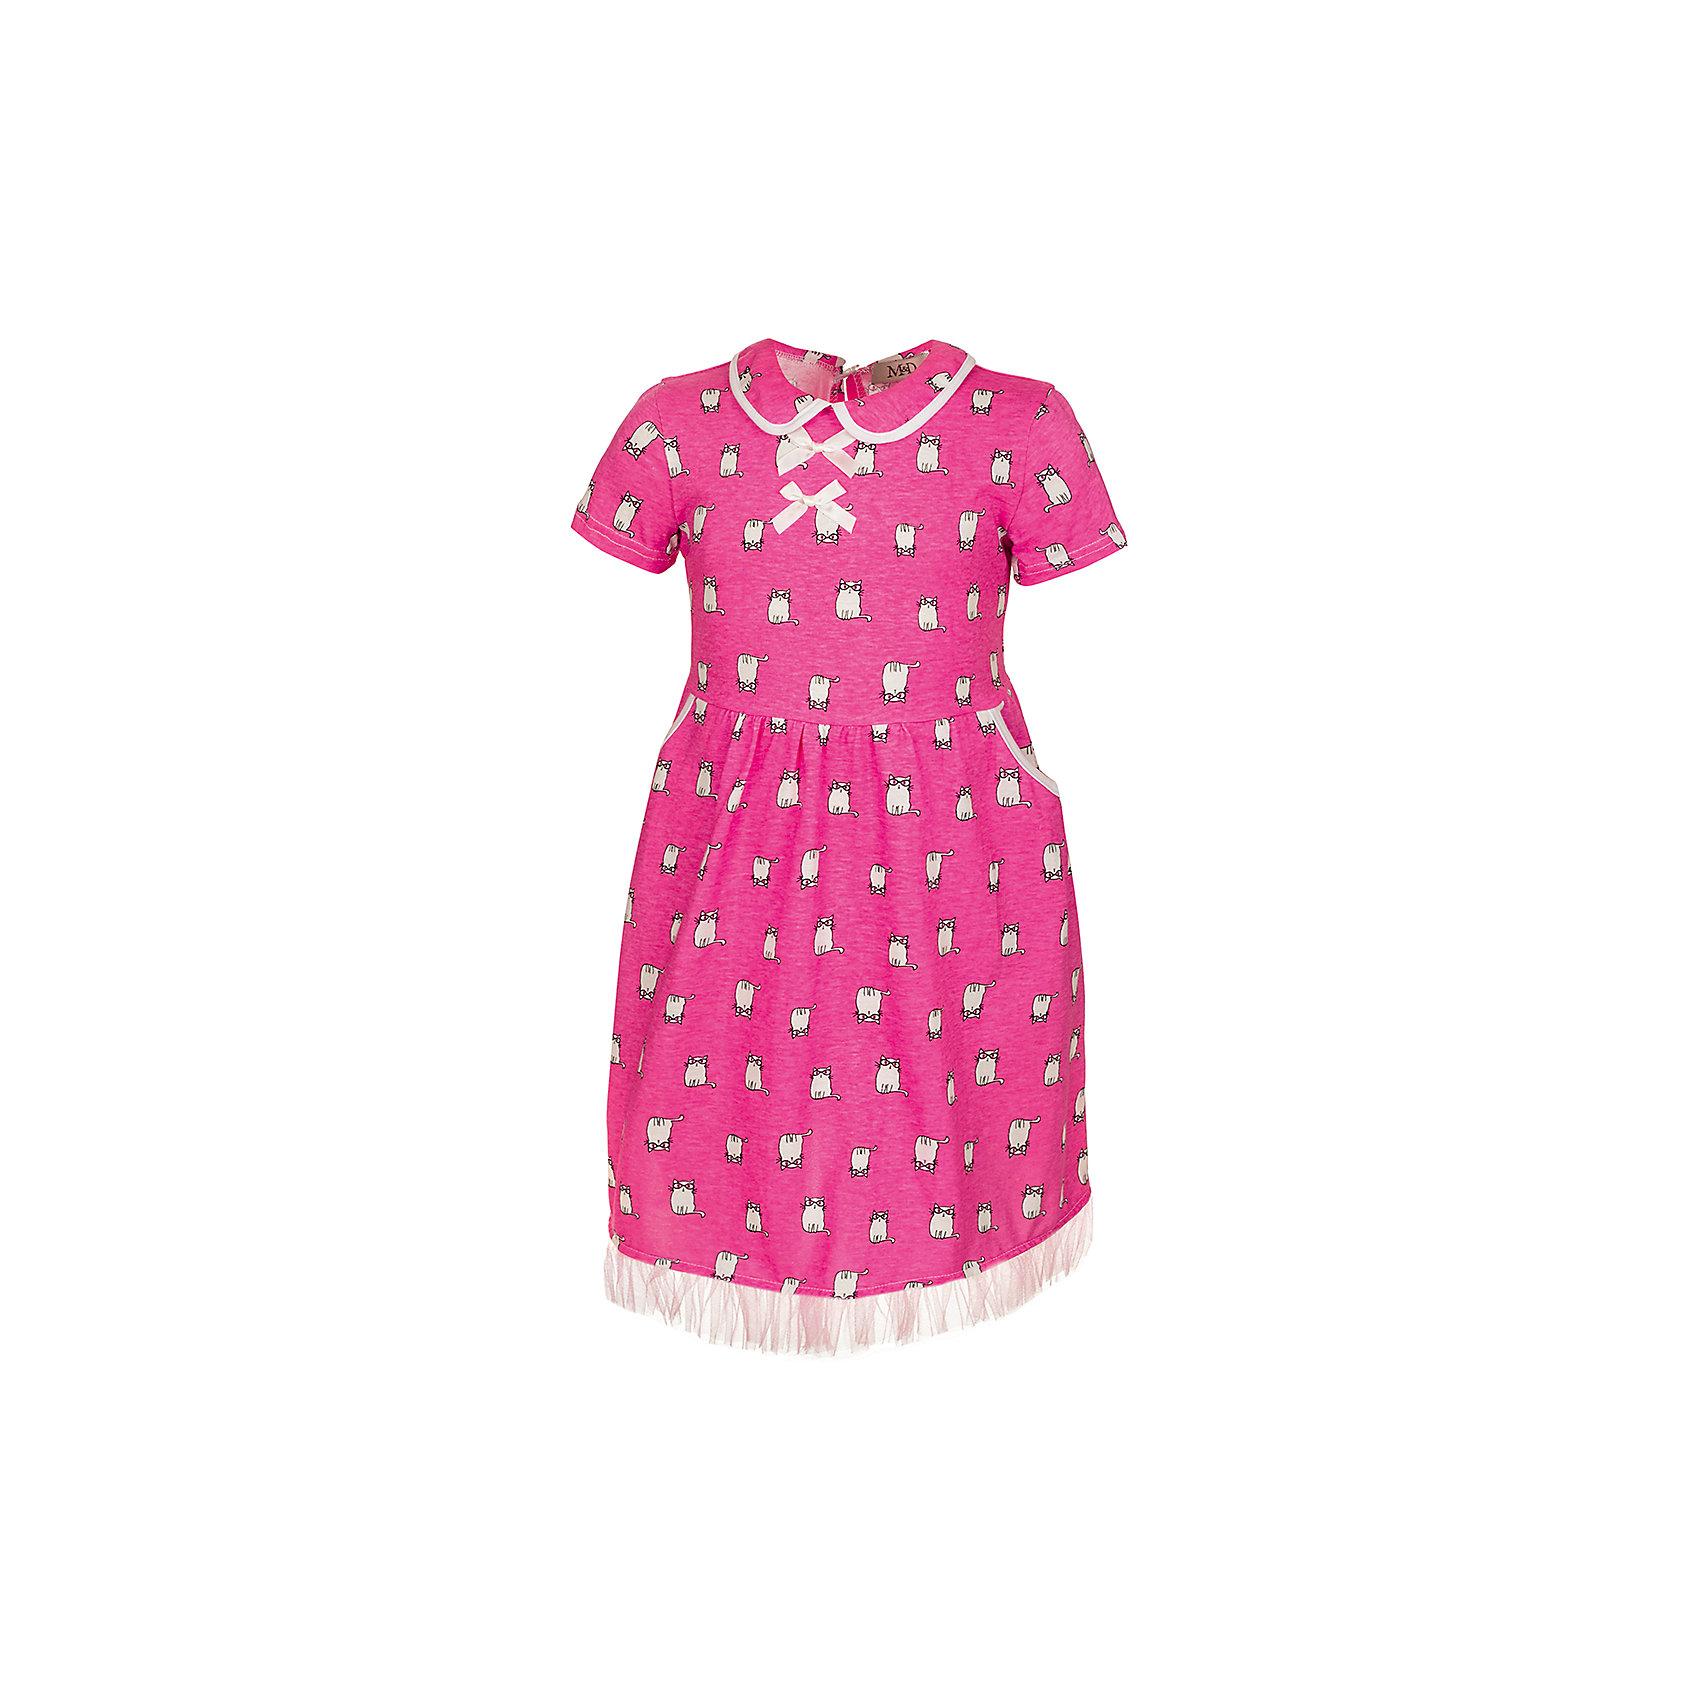 Платье M&amp;D для девочкиПлатья и сарафаны<br>Платье для девочки с короткими рукавами, отложным воротником и карманами.<br>По нижнему краю декоративная тесьма. На полочке бантики.<br>-соответствует размеру.<br>Рекомендуется предварительная стирка.<br><br><br>Состав:<br>100% хлопок<br><br>Ширина мм: 236<br>Глубина мм: 16<br>Высота мм: 184<br>Вес г: 177<br>Цвет: розовый<br>Возраст от месяцев: 36<br>Возраст до месяцев: 48<br>Пол: Женский<br>Возраст: Детский<br>Размер: 104,98,122,116,110<br>SKU: 7012481